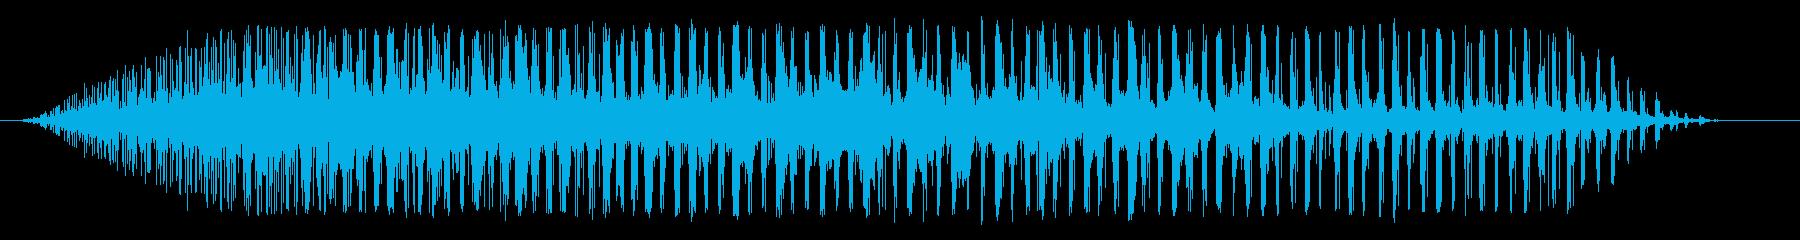 エルロシオアンビエンテビレッジの再生済みの波形